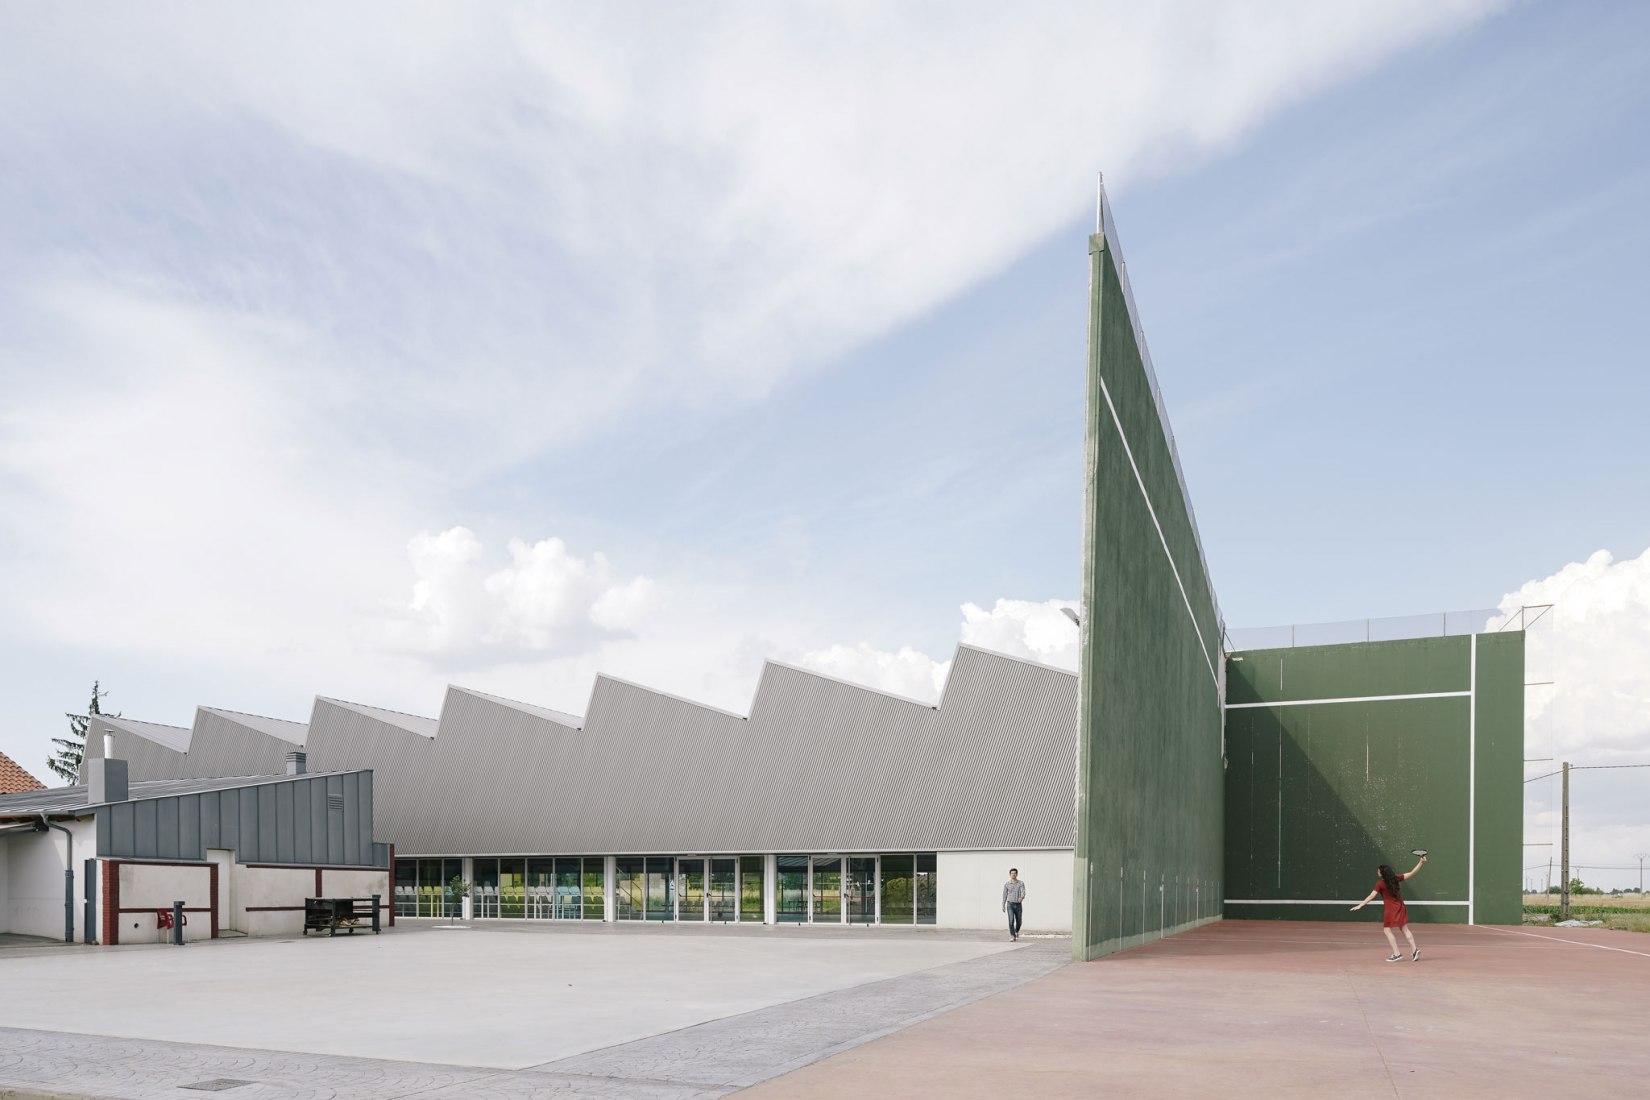 Exterior view. Villacelama Sports Centre by Quirós Presa. Photograph © Imagen Subliminal